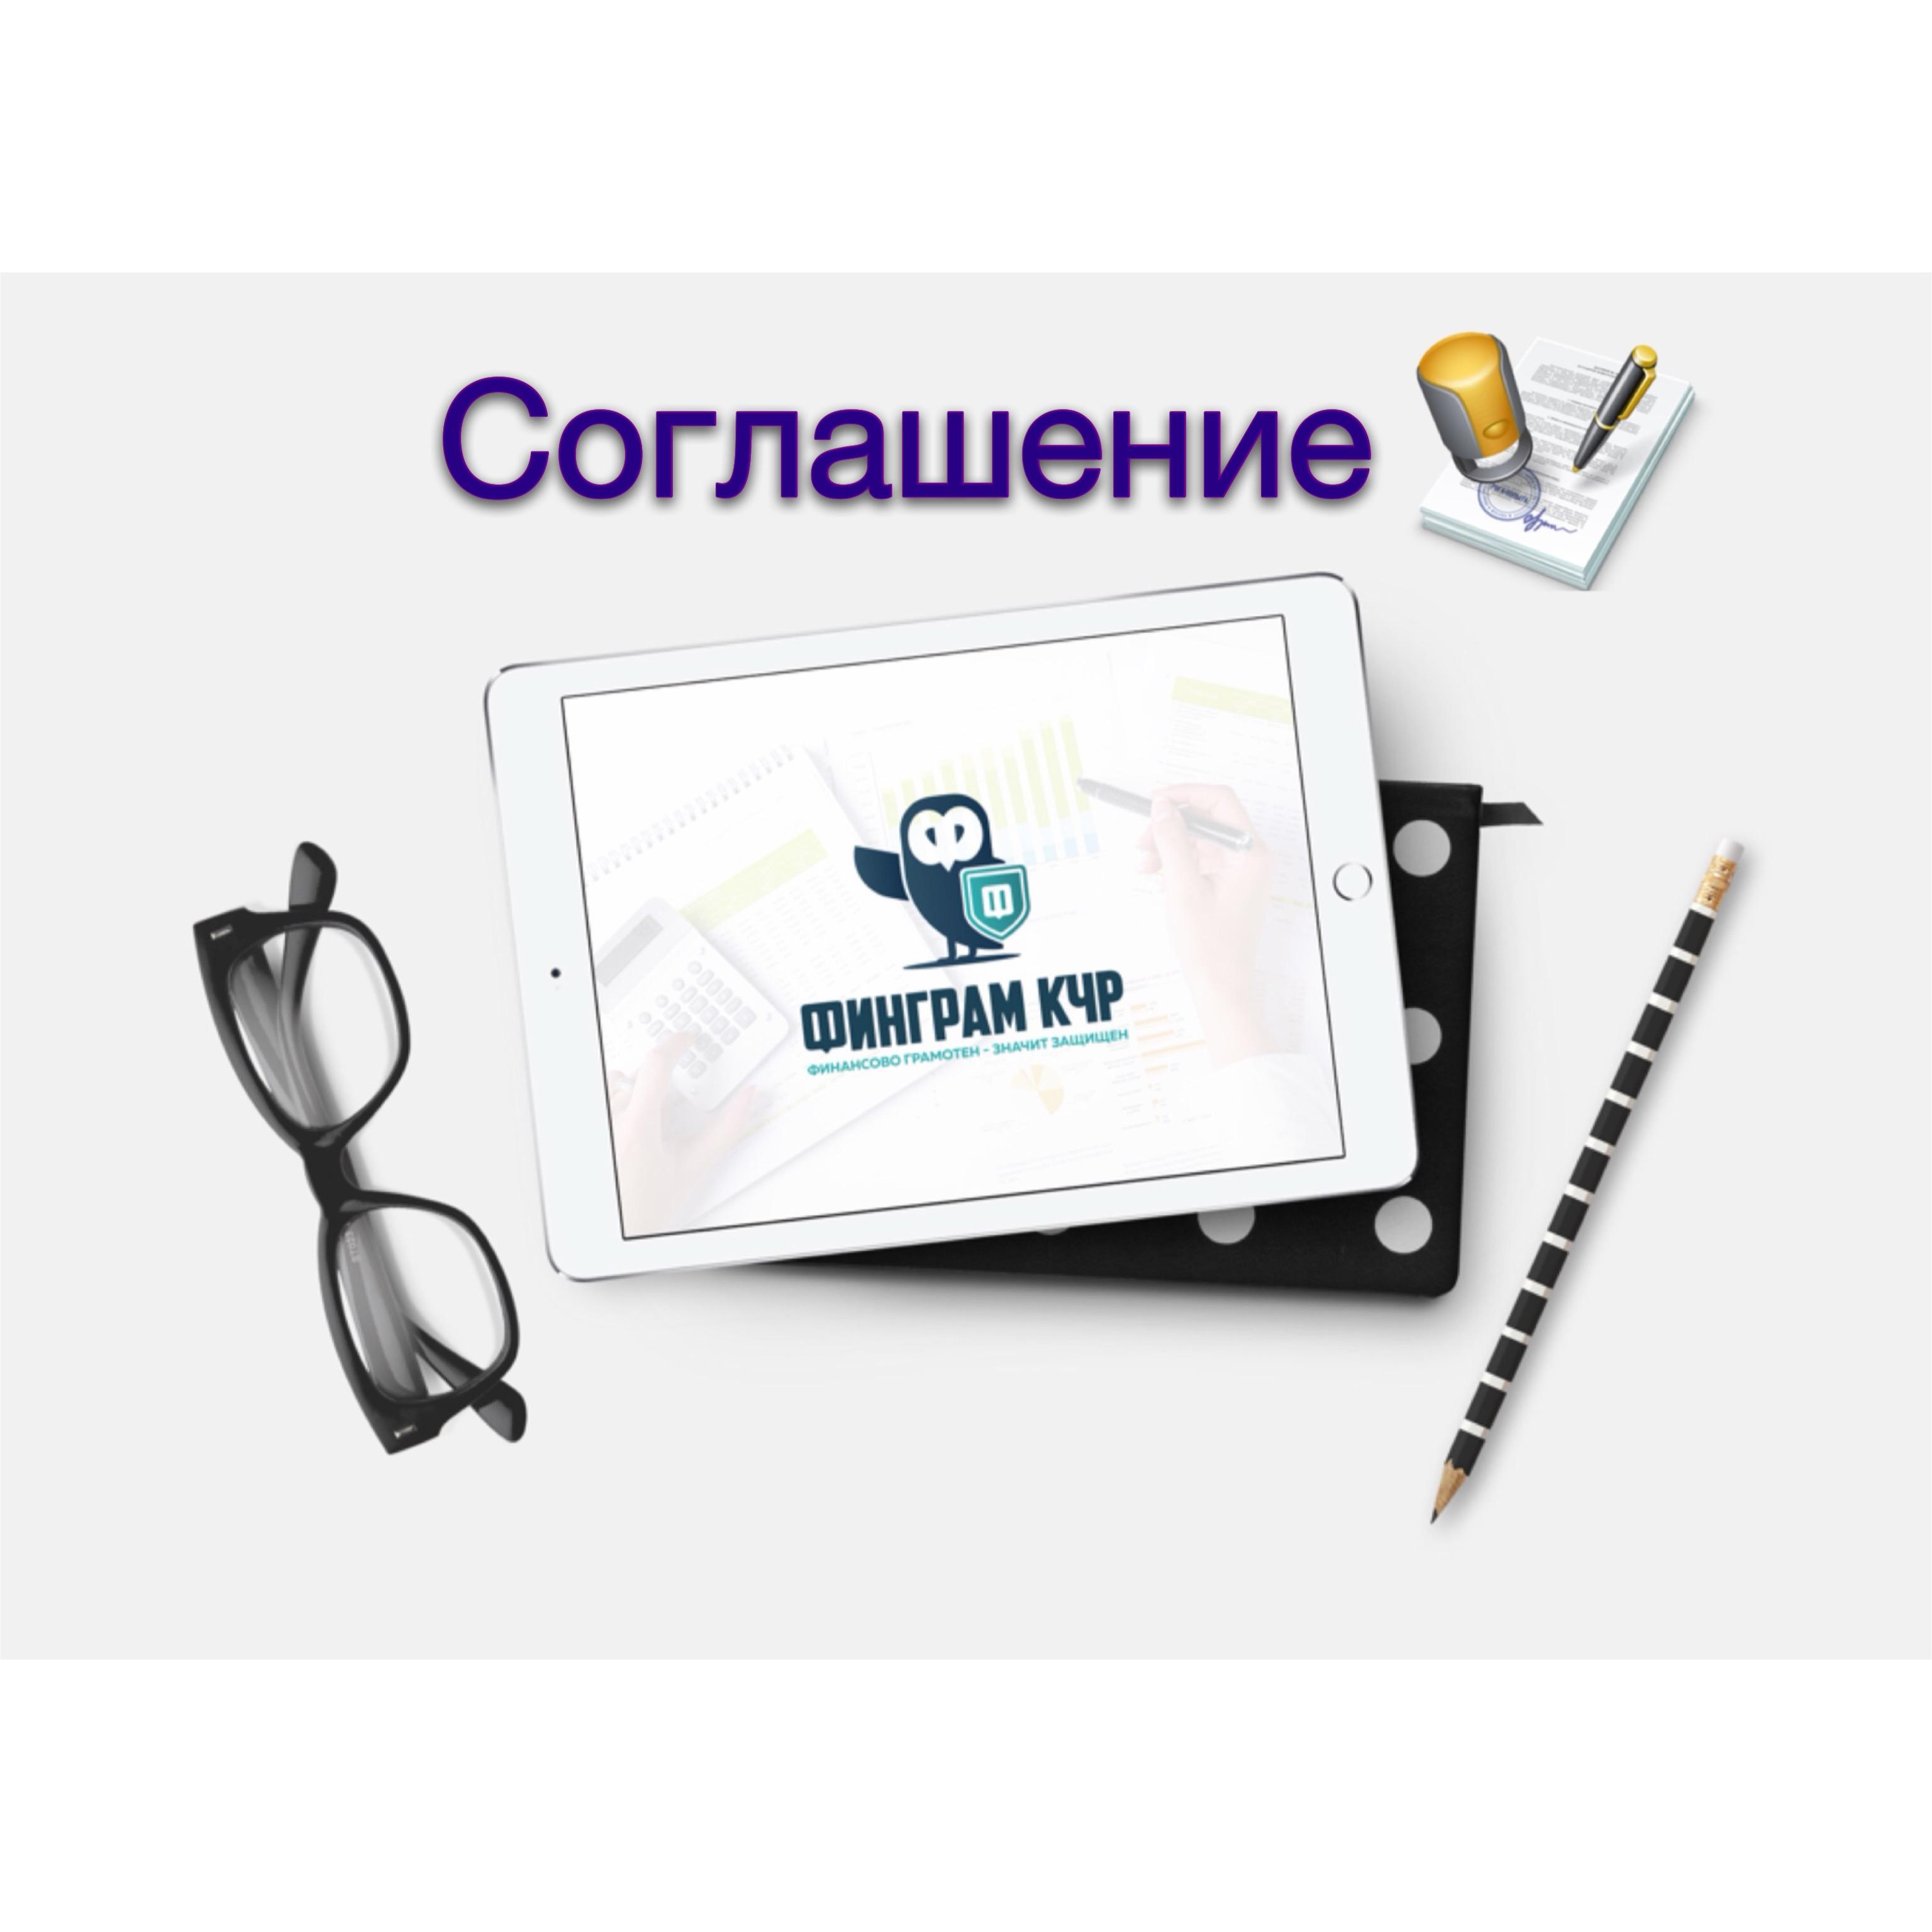 Трехстороннее соглашение о передаче  учебно-методических комплектов по финансовой грамотности